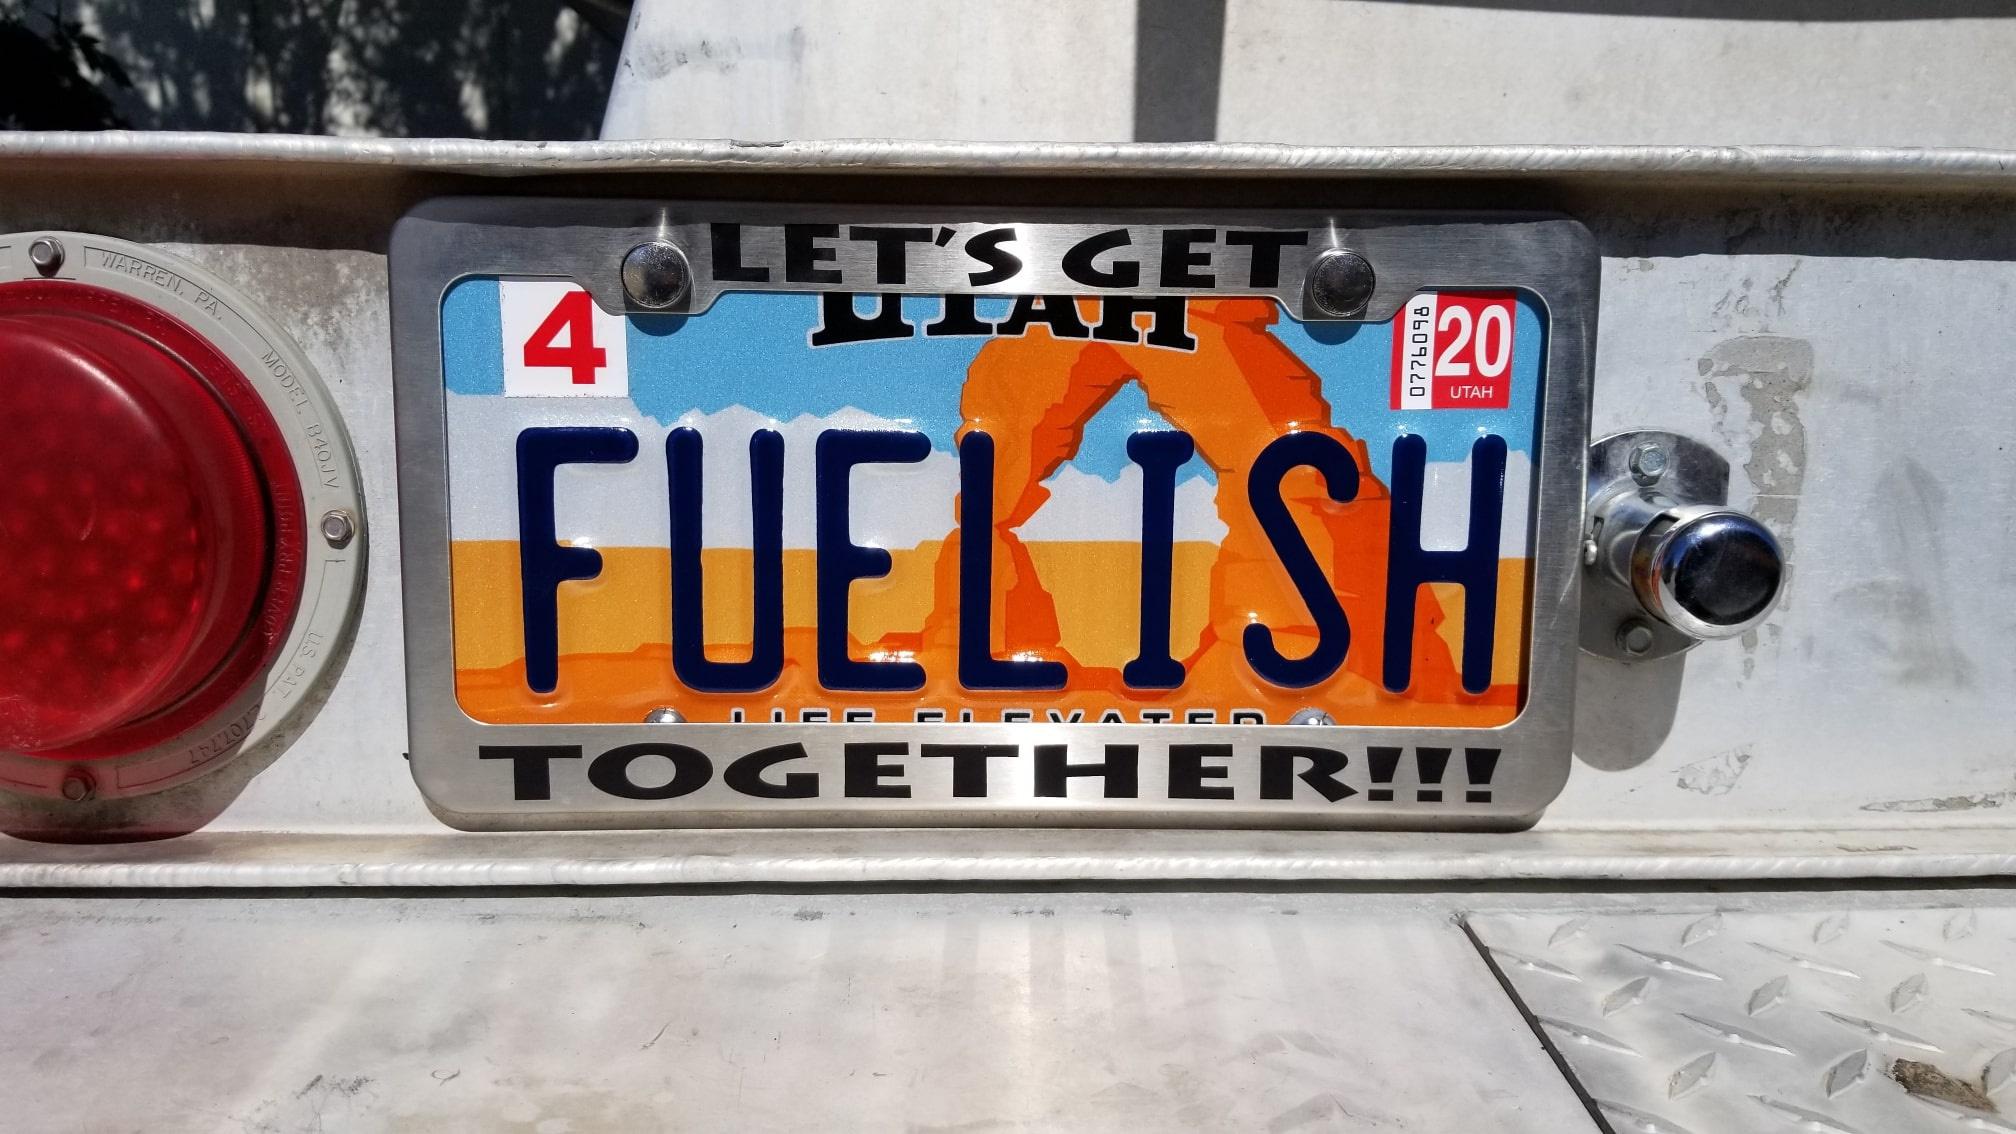 Fuelish Plate